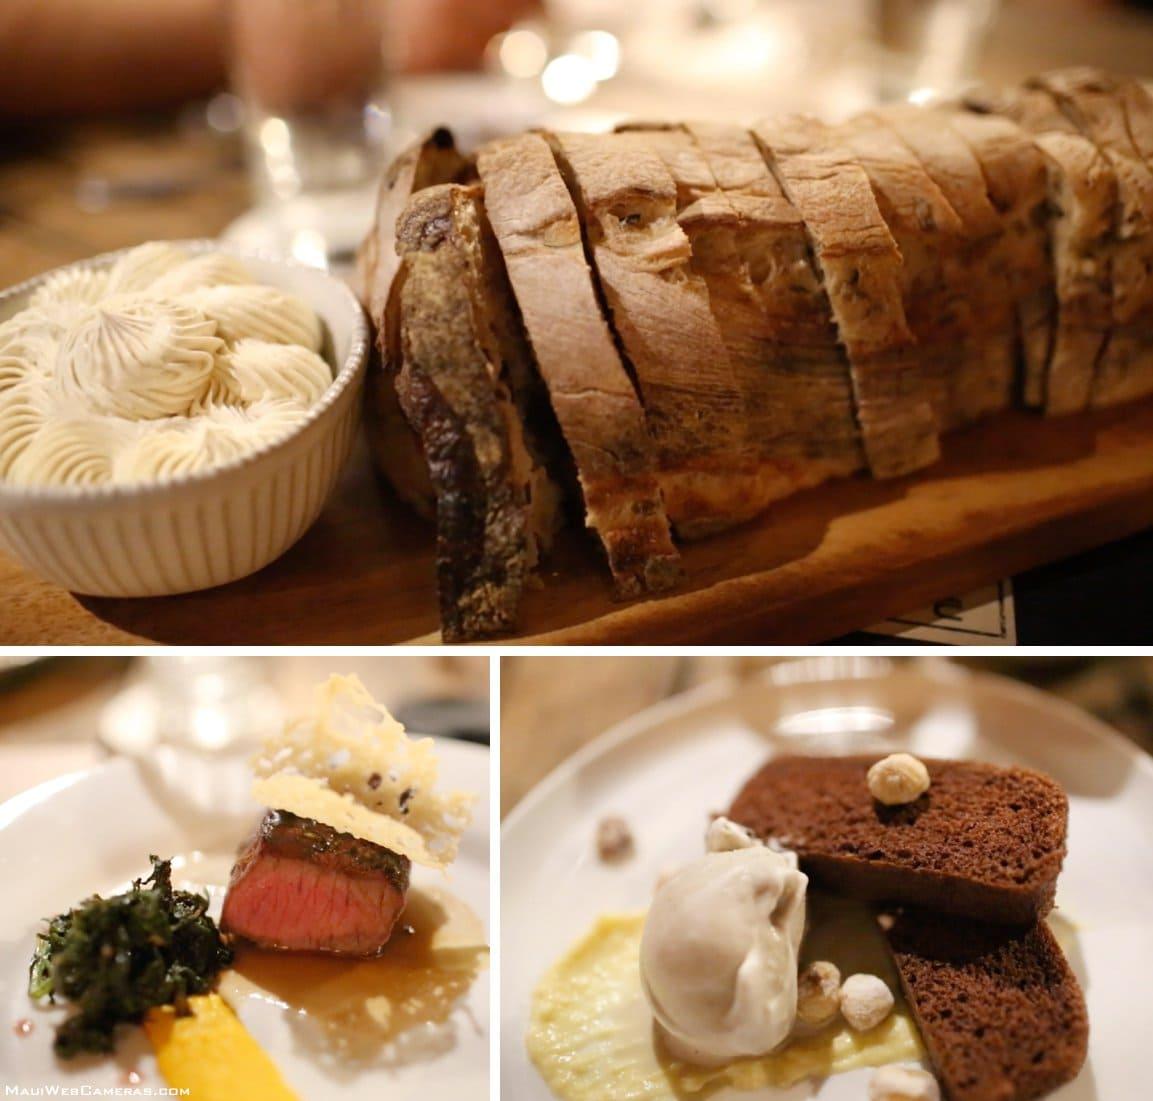 fresh bread, steak and dessert